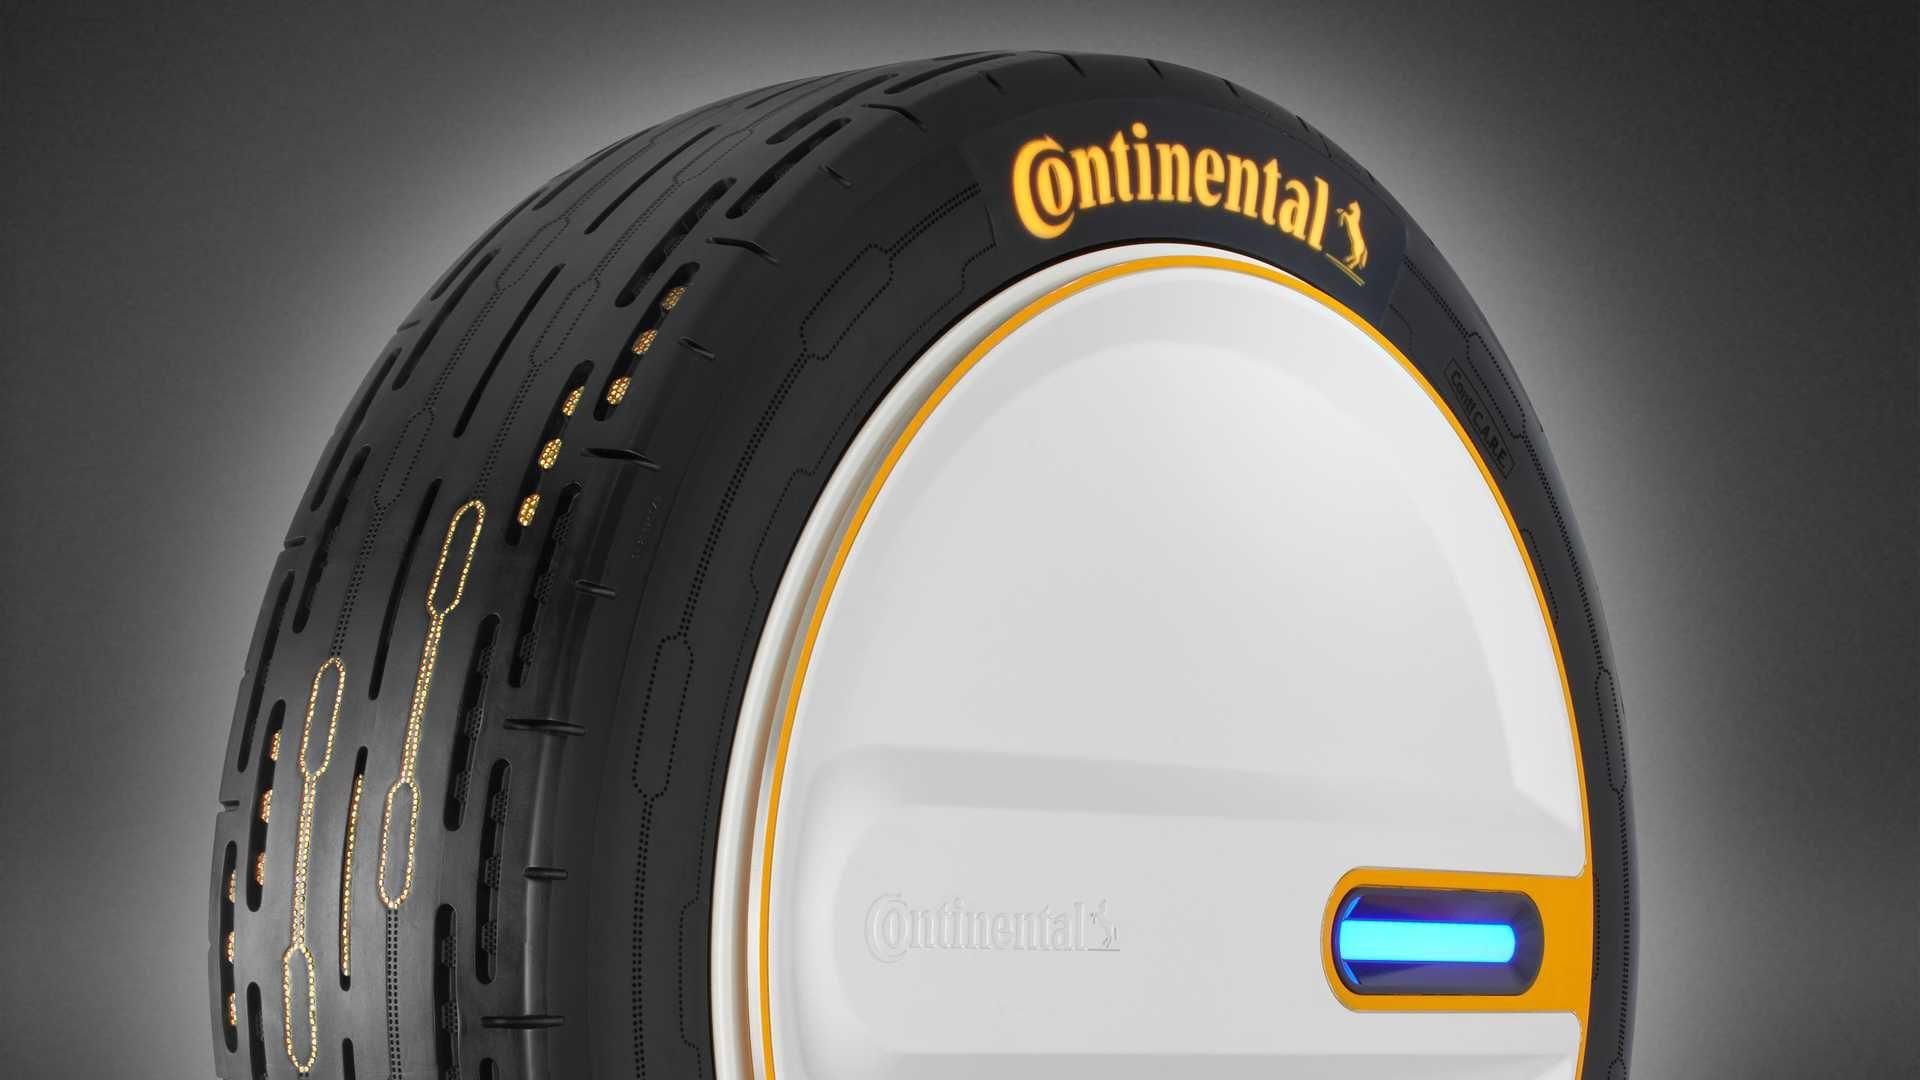 Continental Tire C.A.R.E.